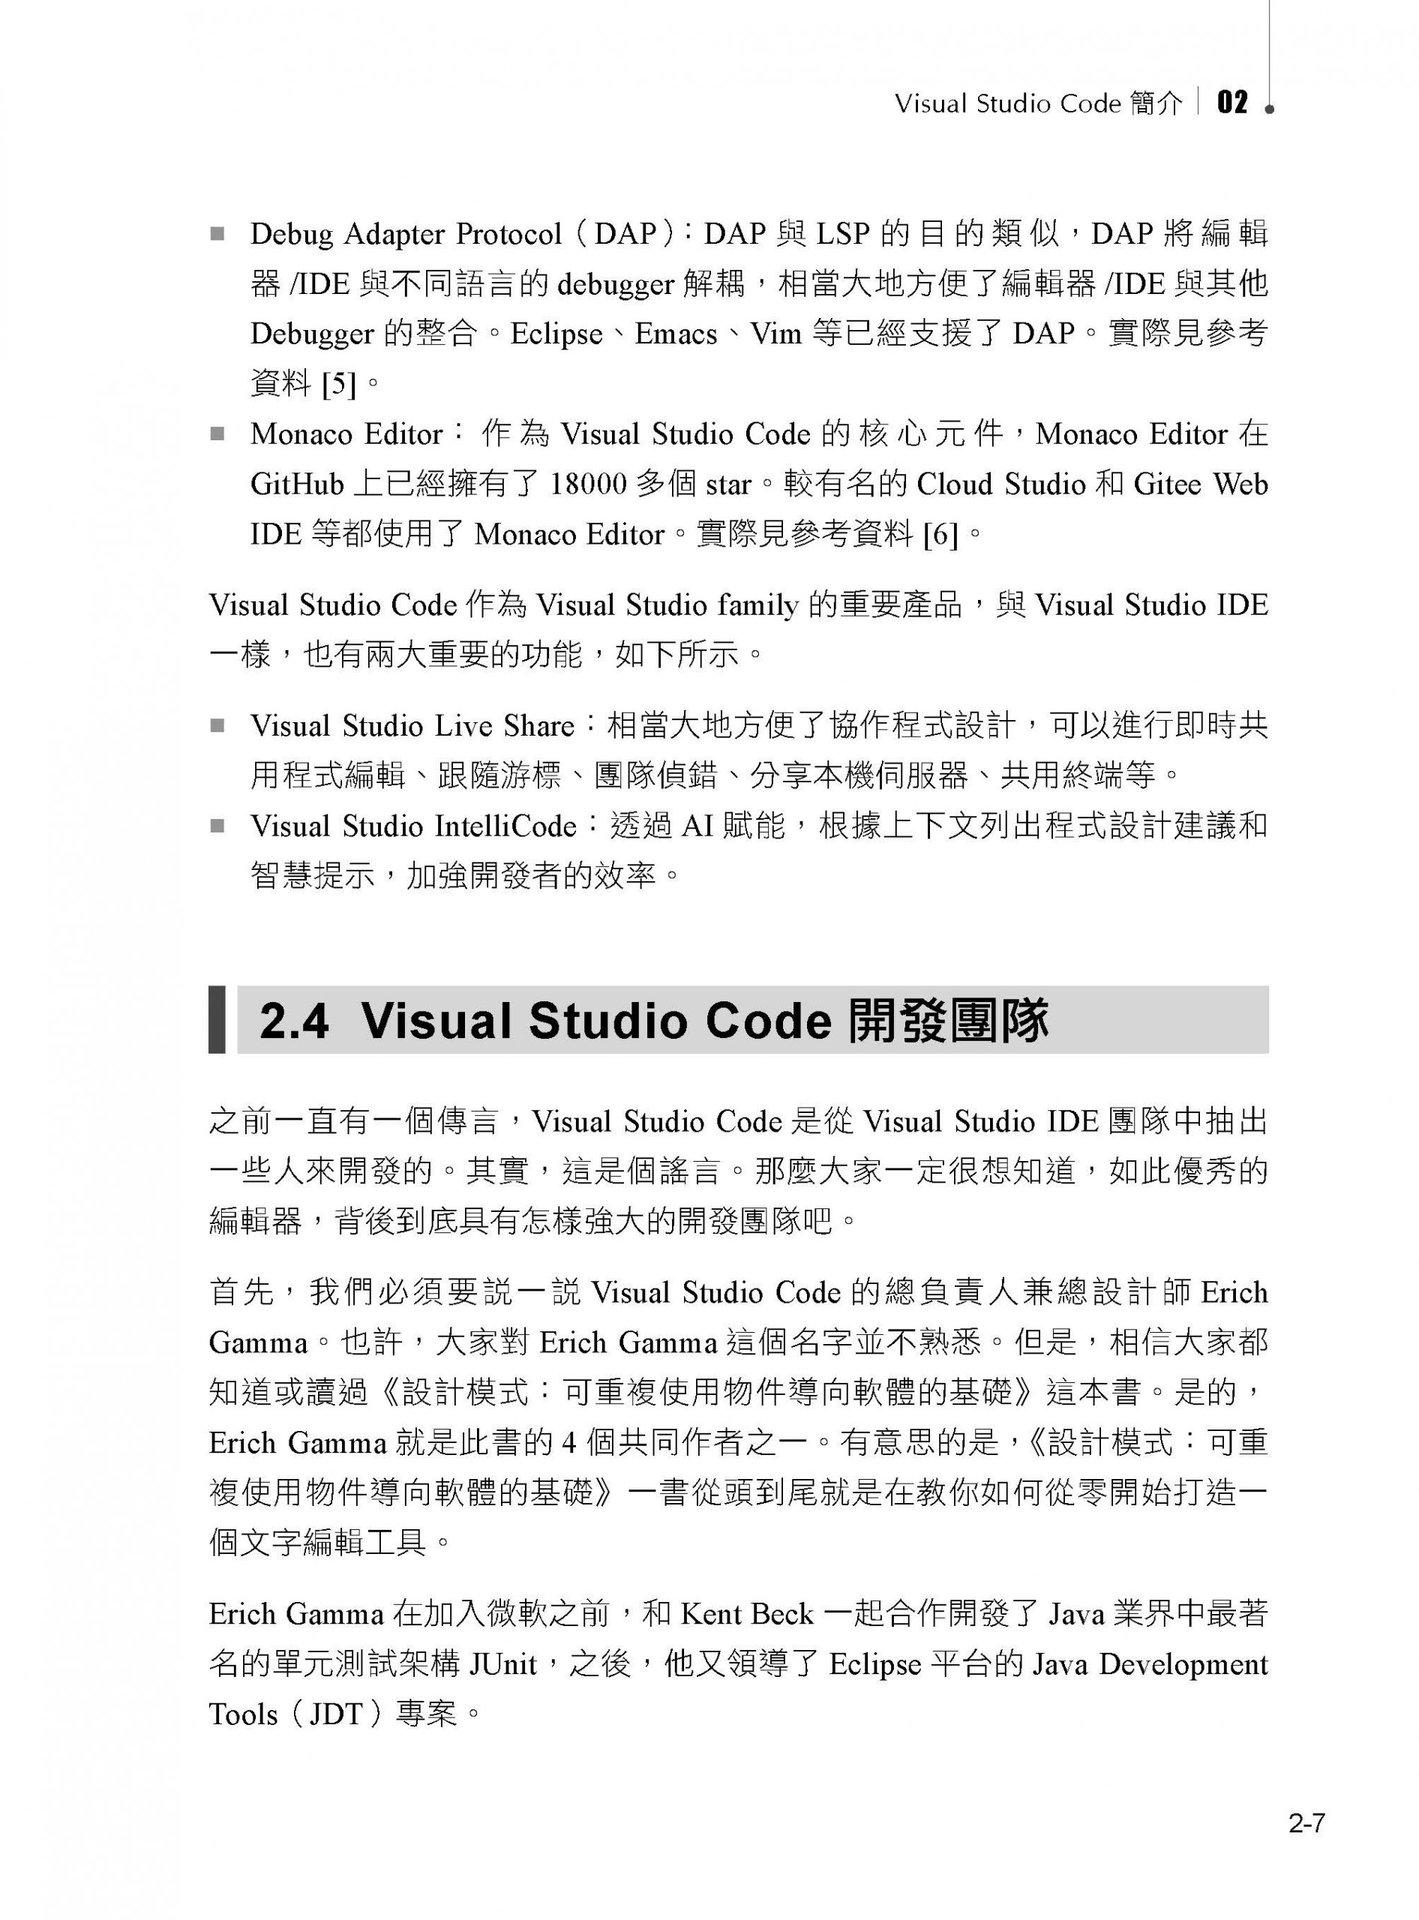 小輕快跨平台:王的編輯器 Visual Studio Code 聖經-preview-8